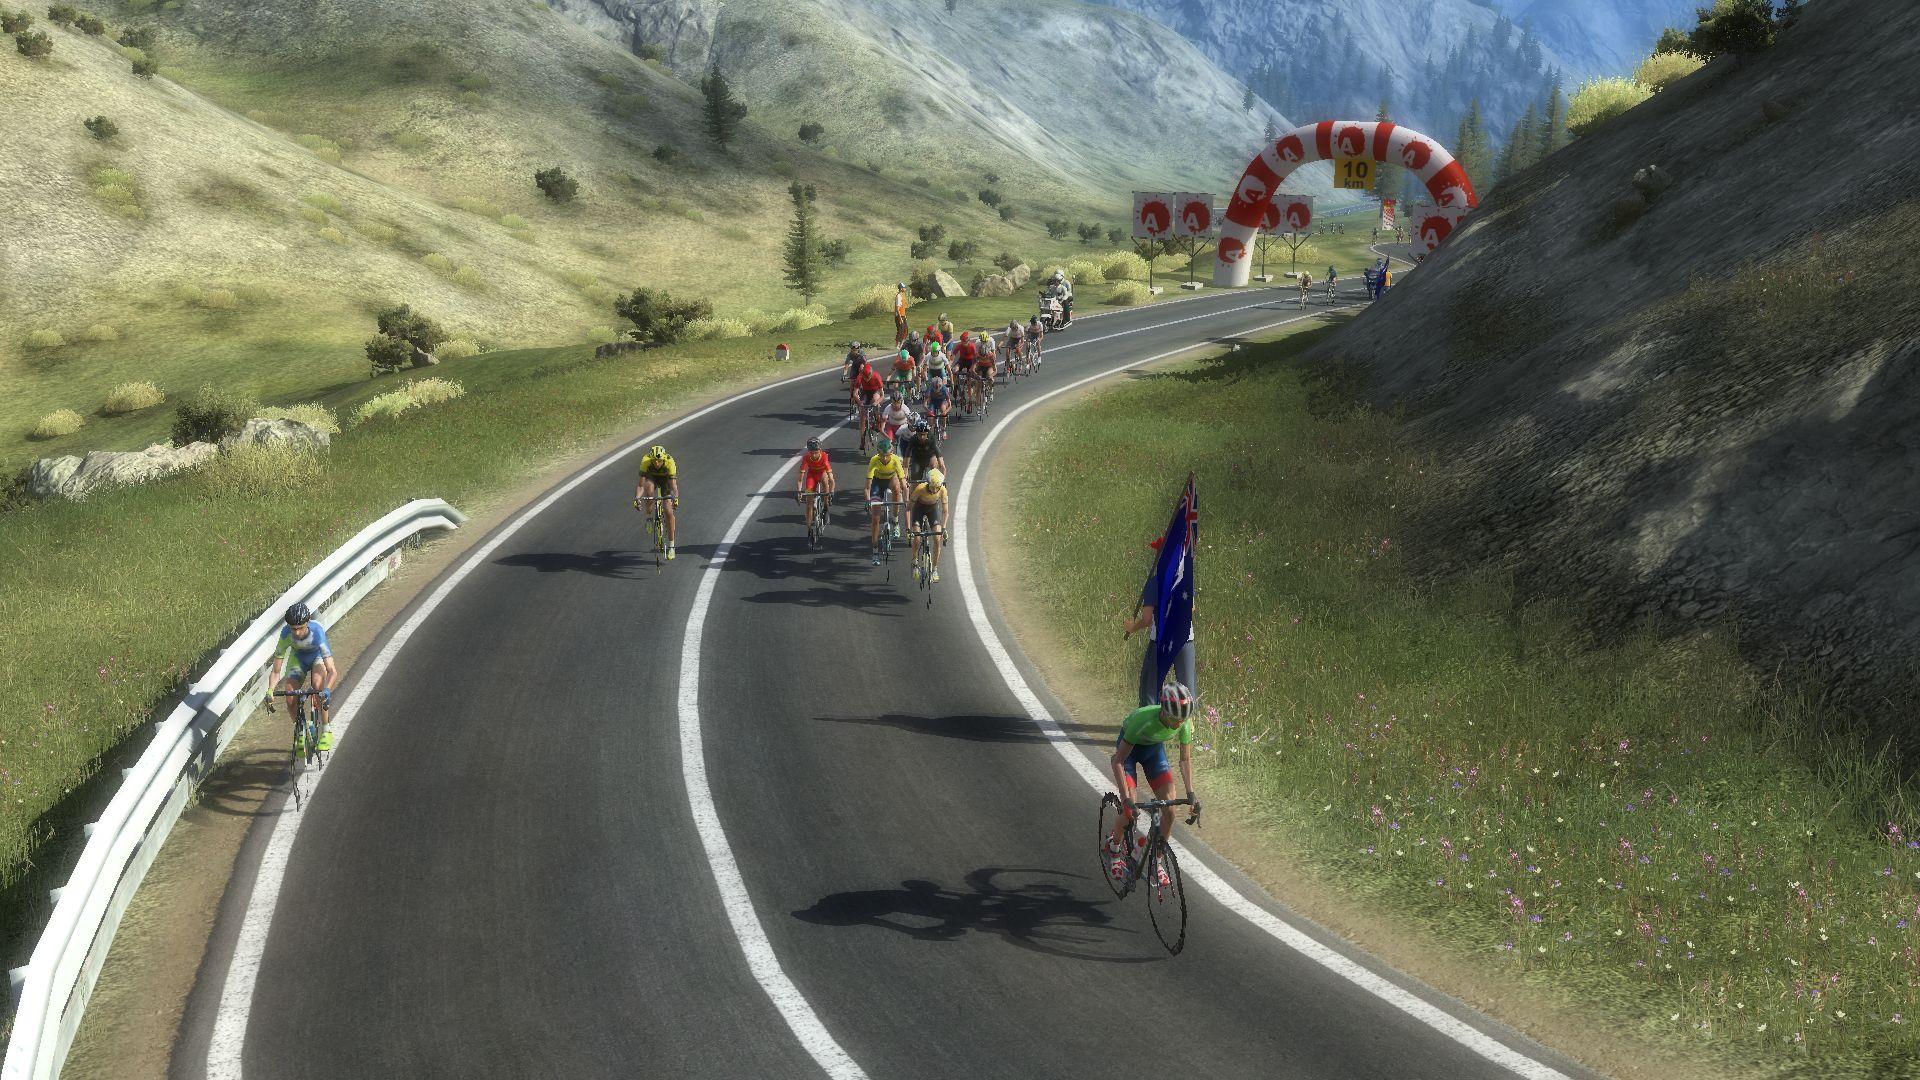 pcmdaily.com/images/mg/2020/Reports/C1/Andorra/TdAS5%2020.jpg